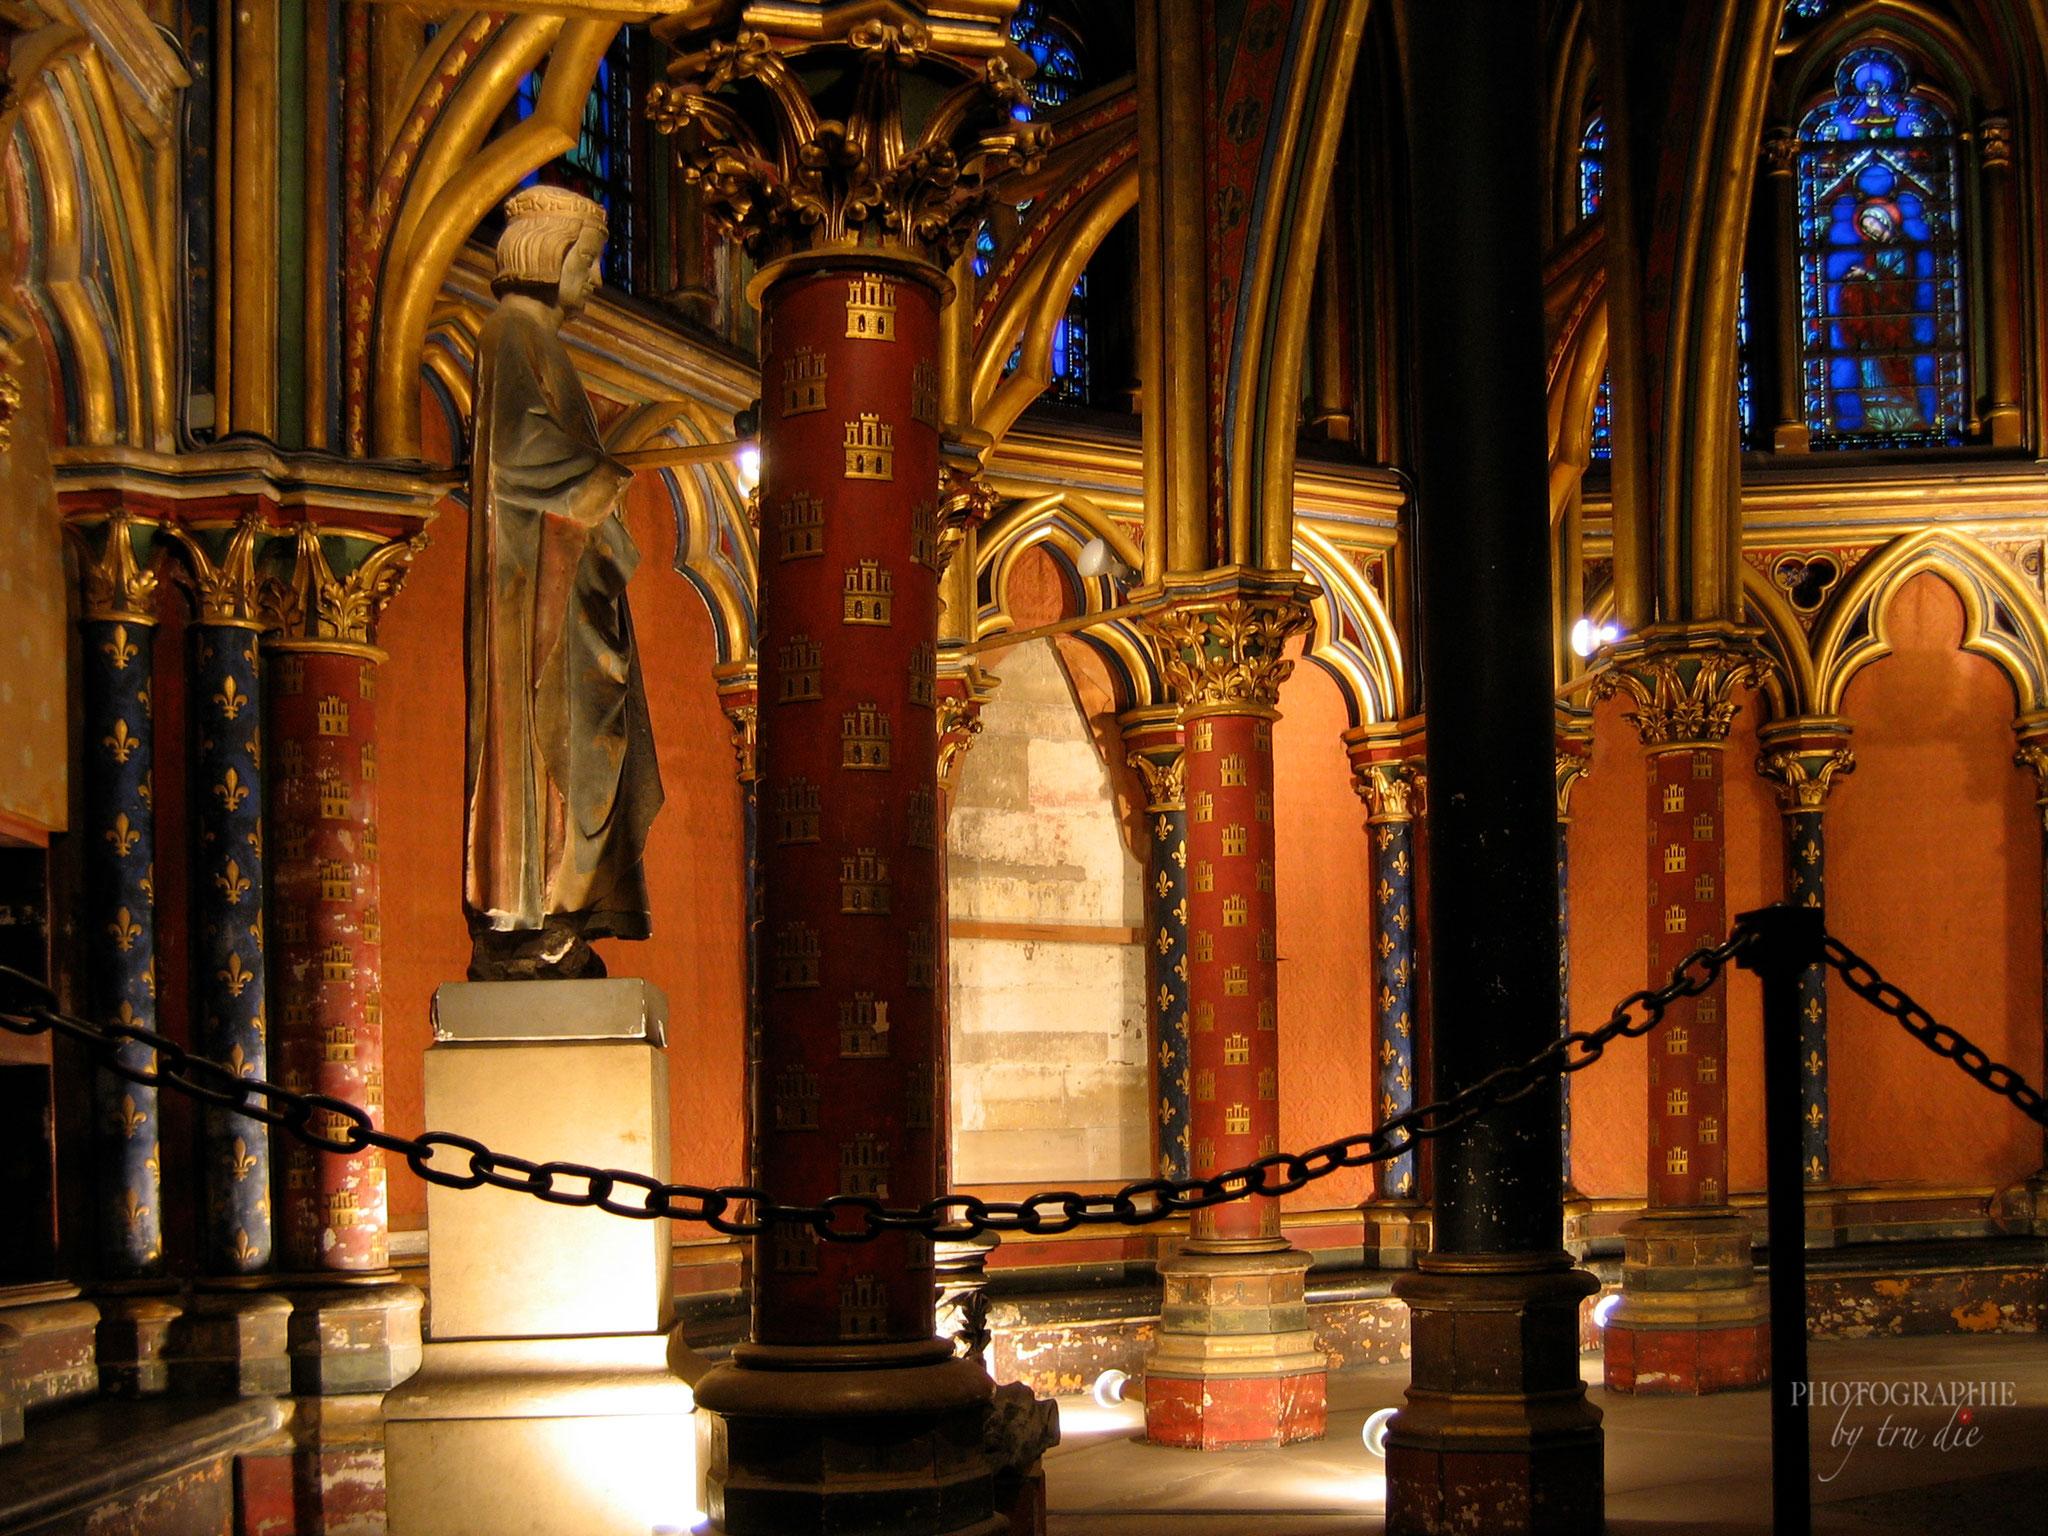 Bild: Statue von König Ludwig IX. in Unterkirche von Sainte-Chapelle in Paris